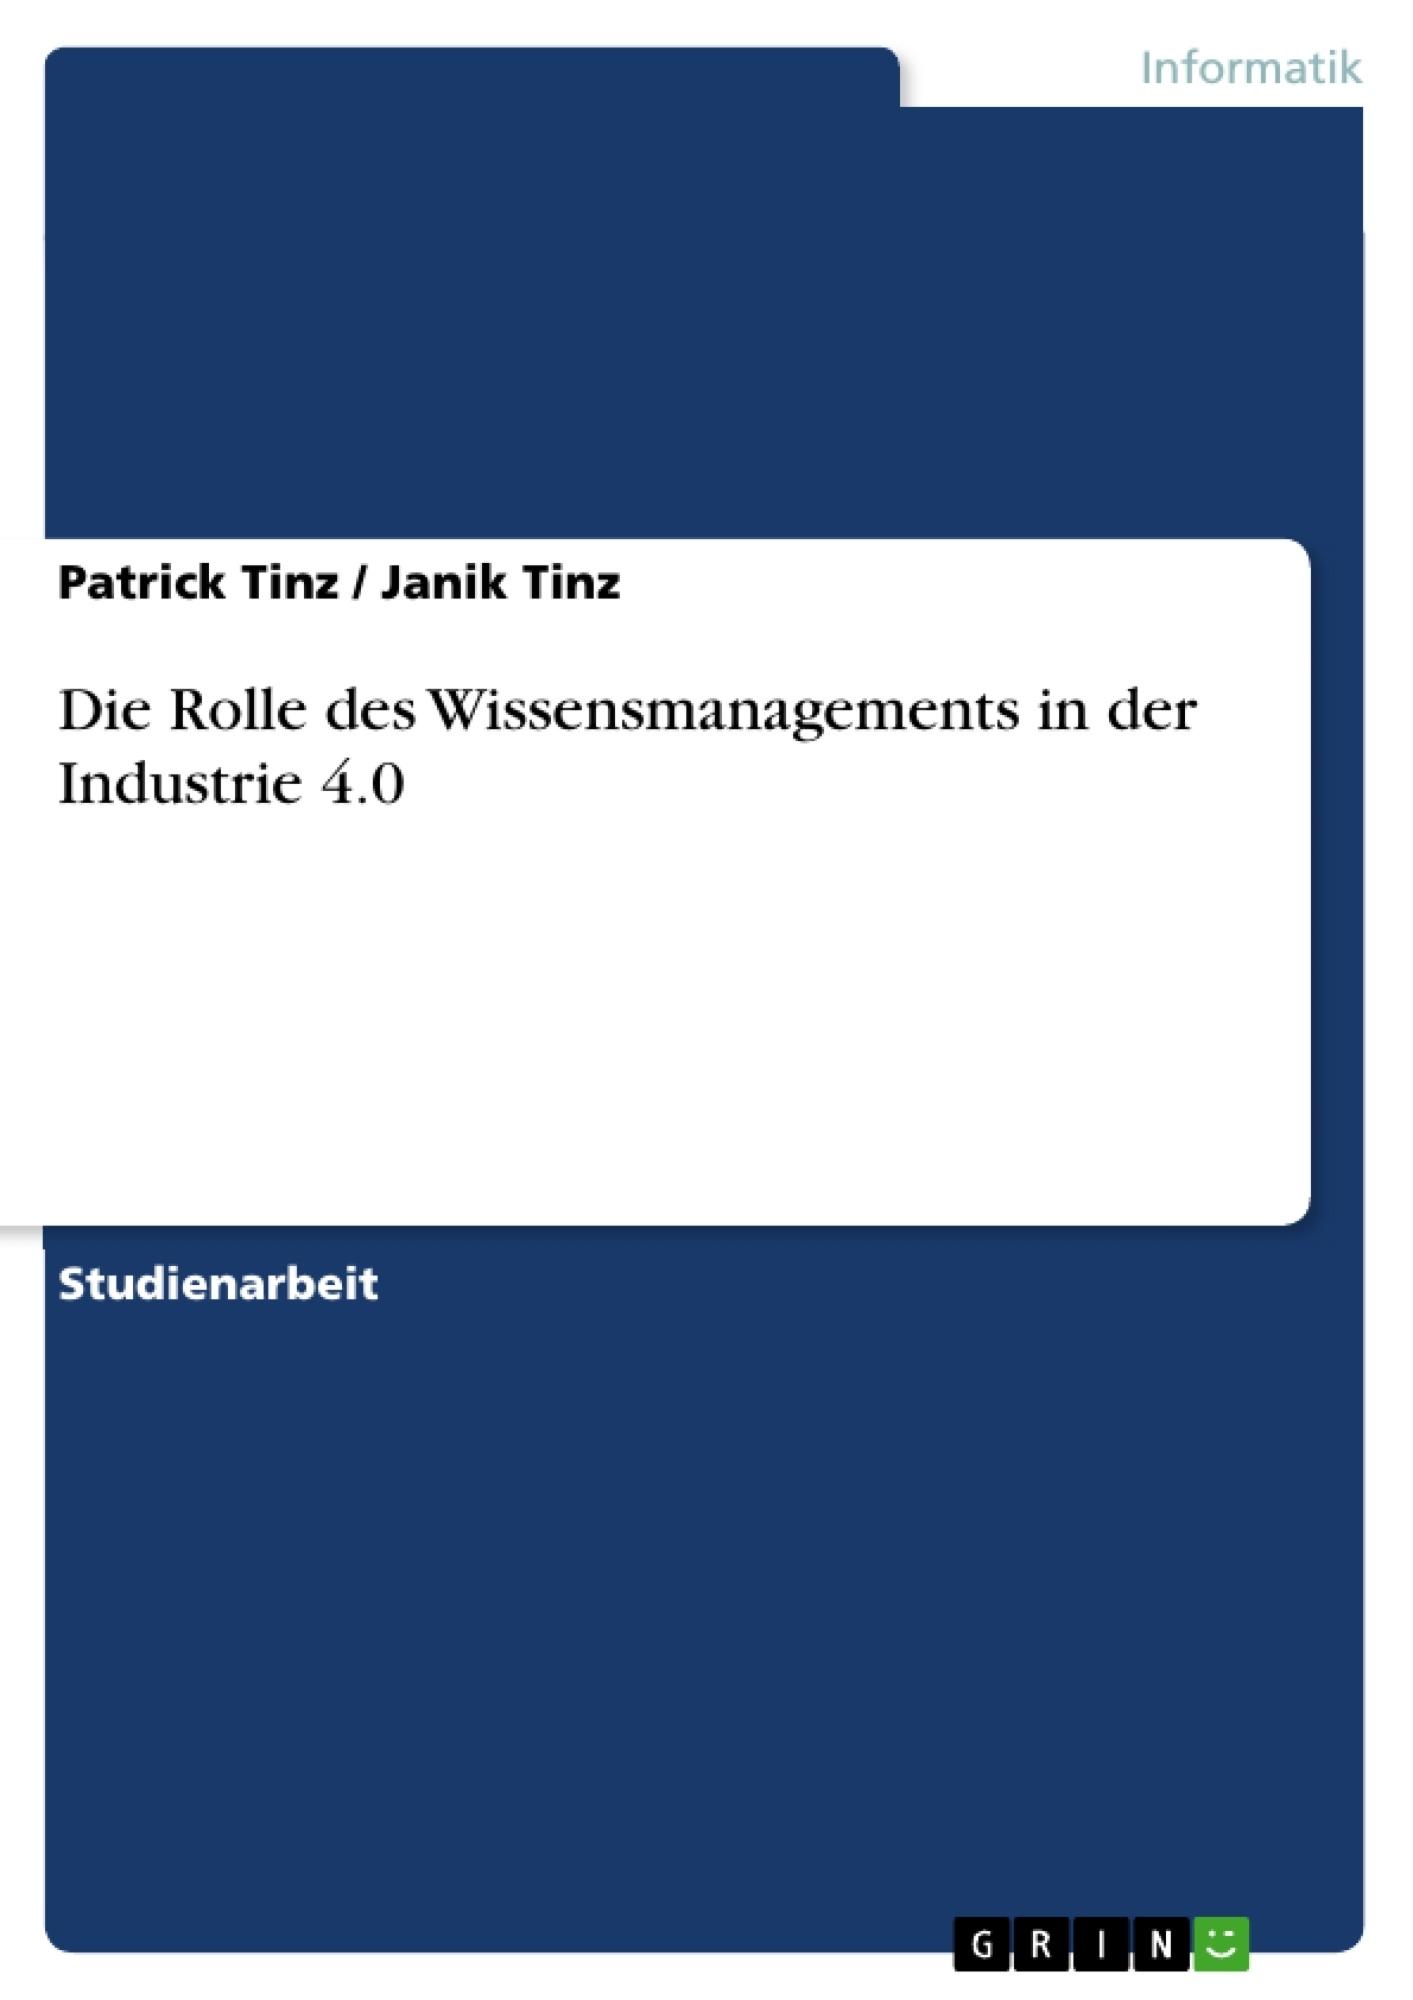 Titel: Die Rolle des Wissensmanagements in der Industrie 4.0